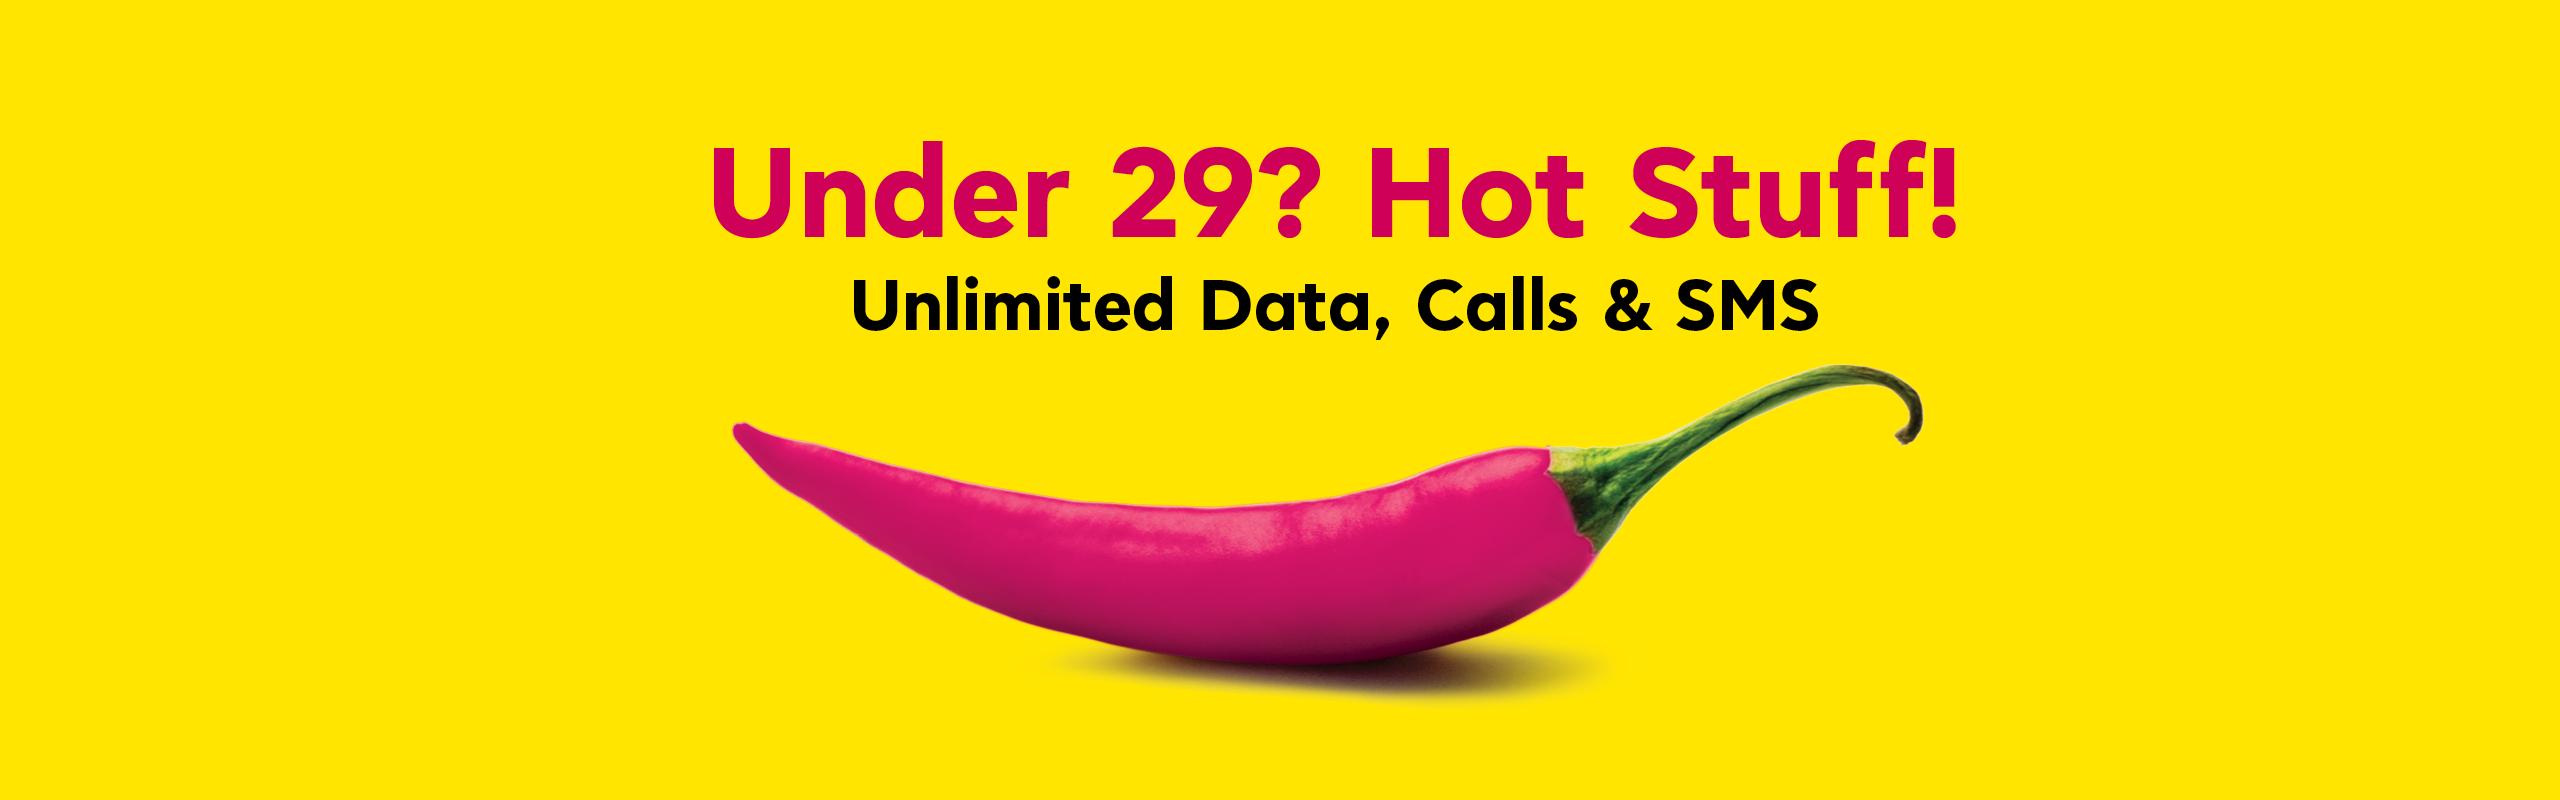 Under 29? Hot Stuff!